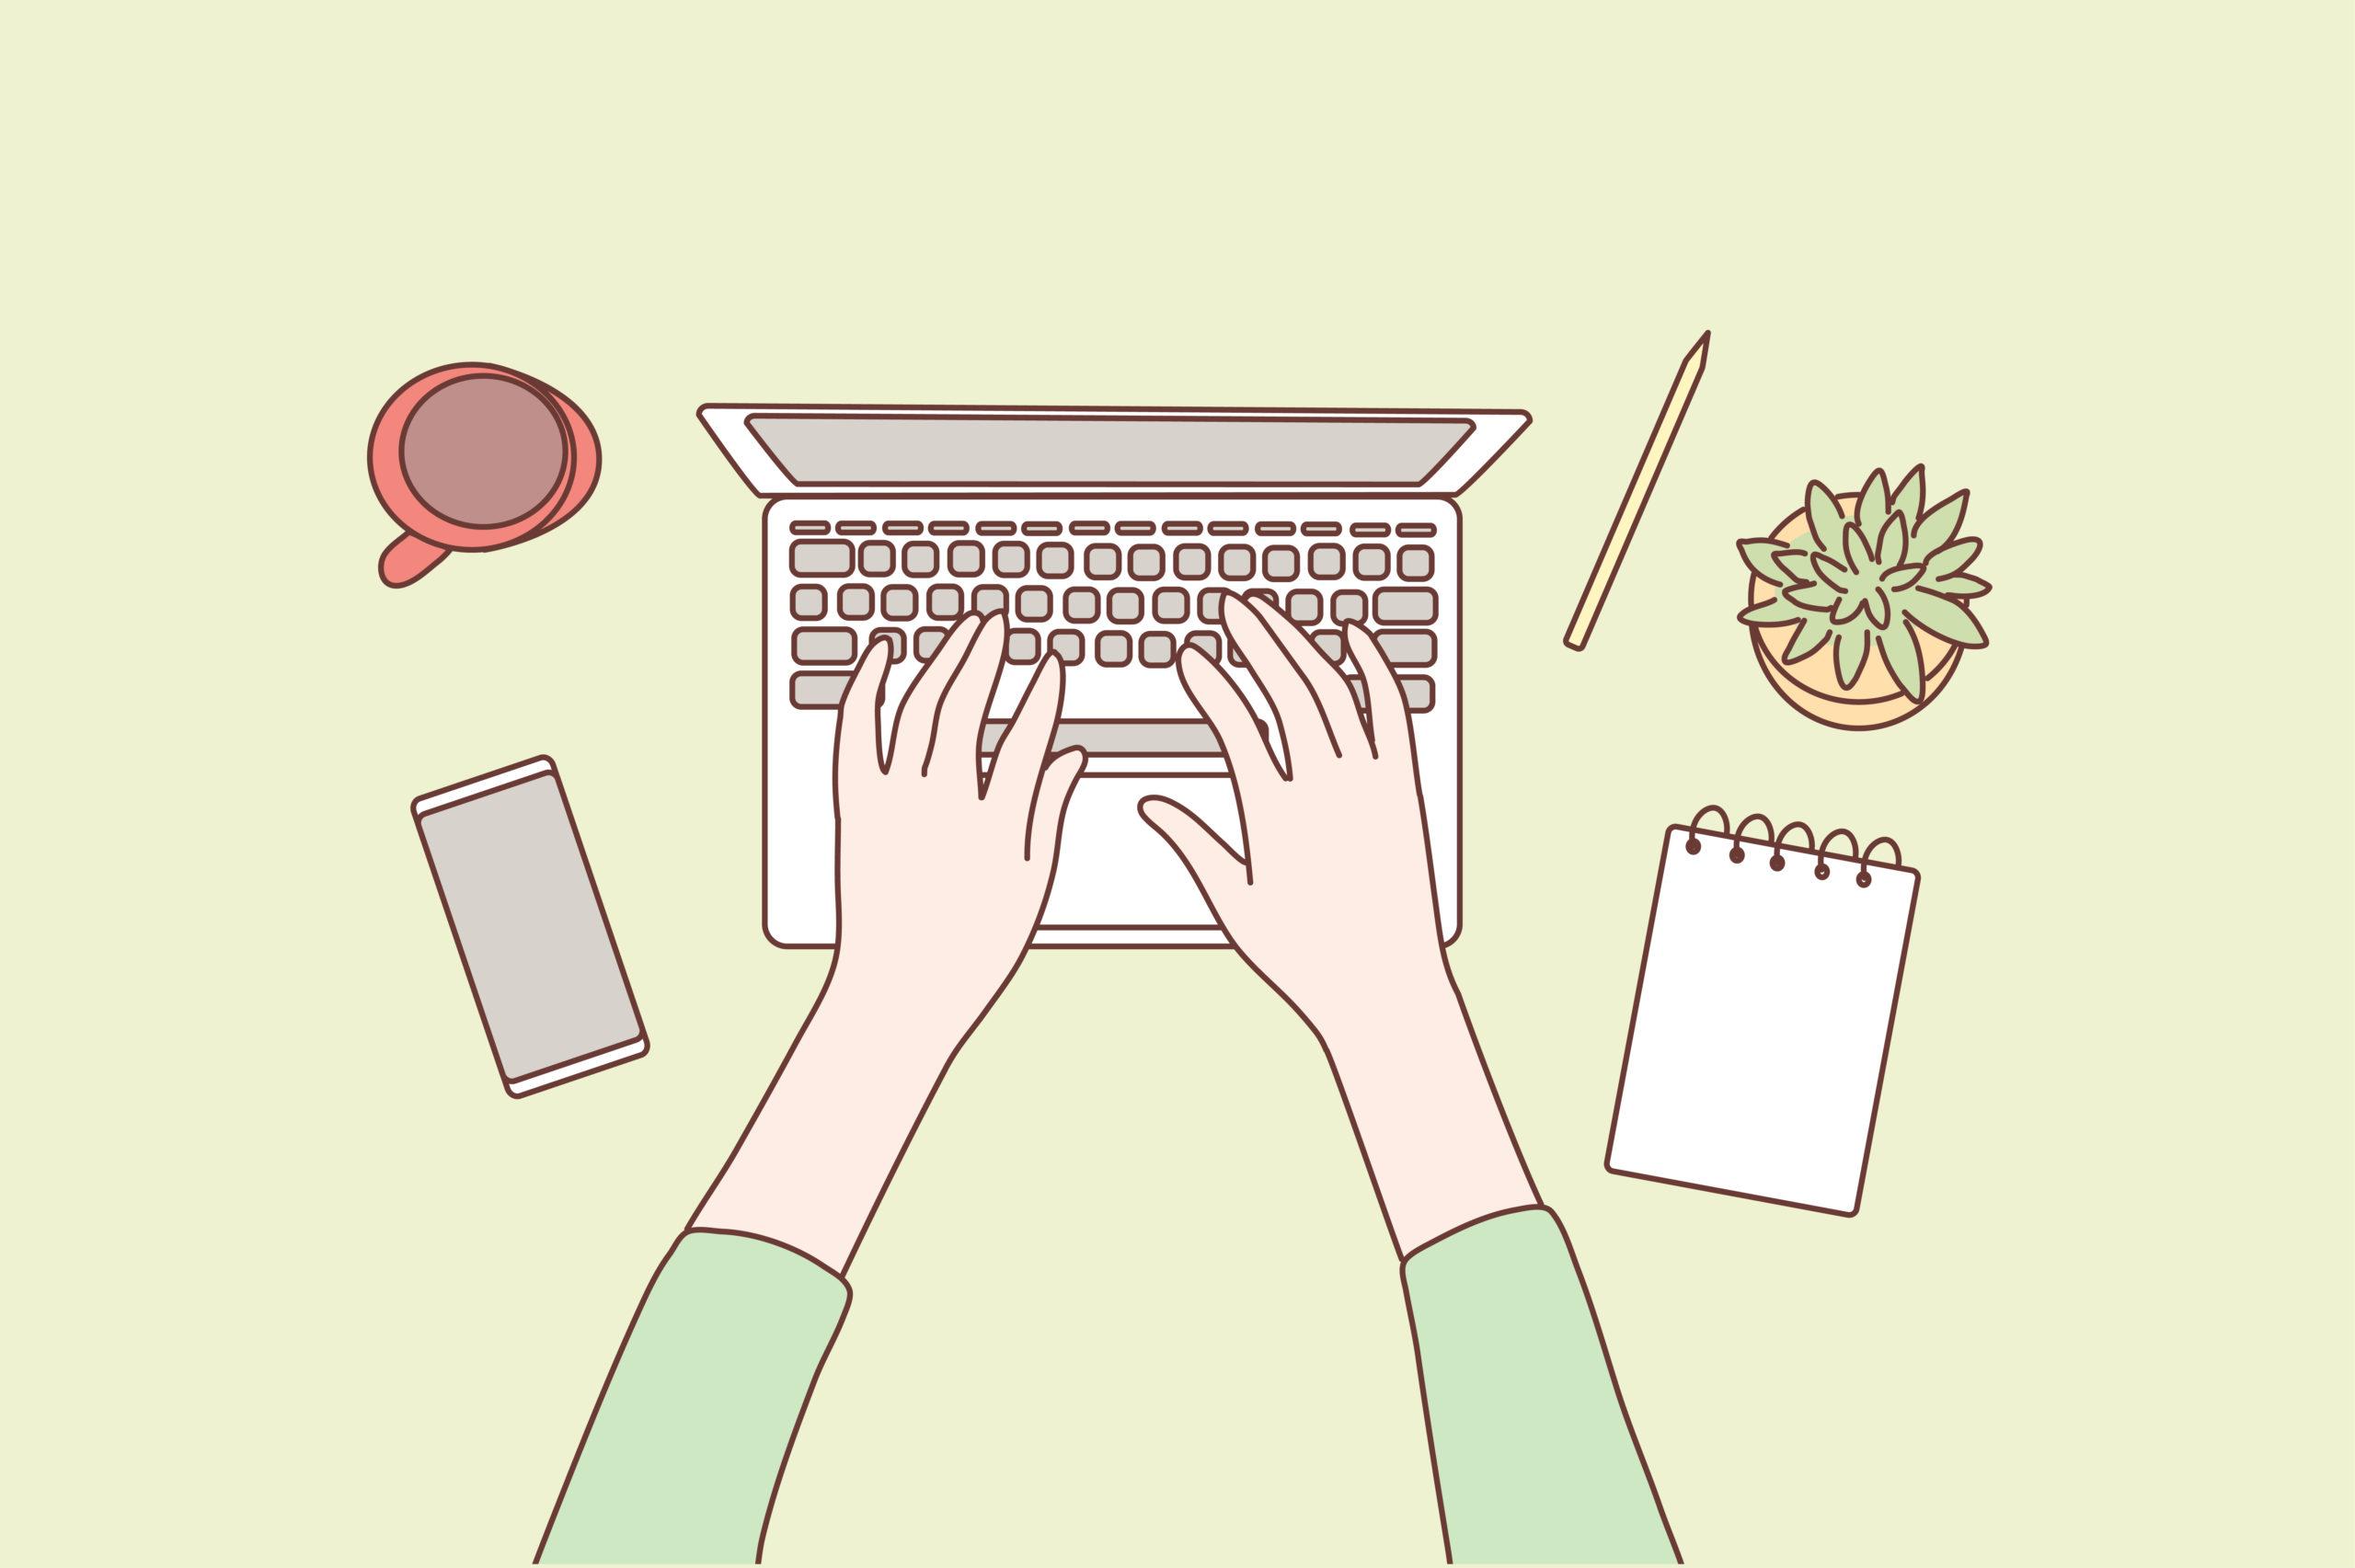 【ブログに文章力は必要なし】読みやすいブログを書くコツ15個をブログ歴1年の僕が解説